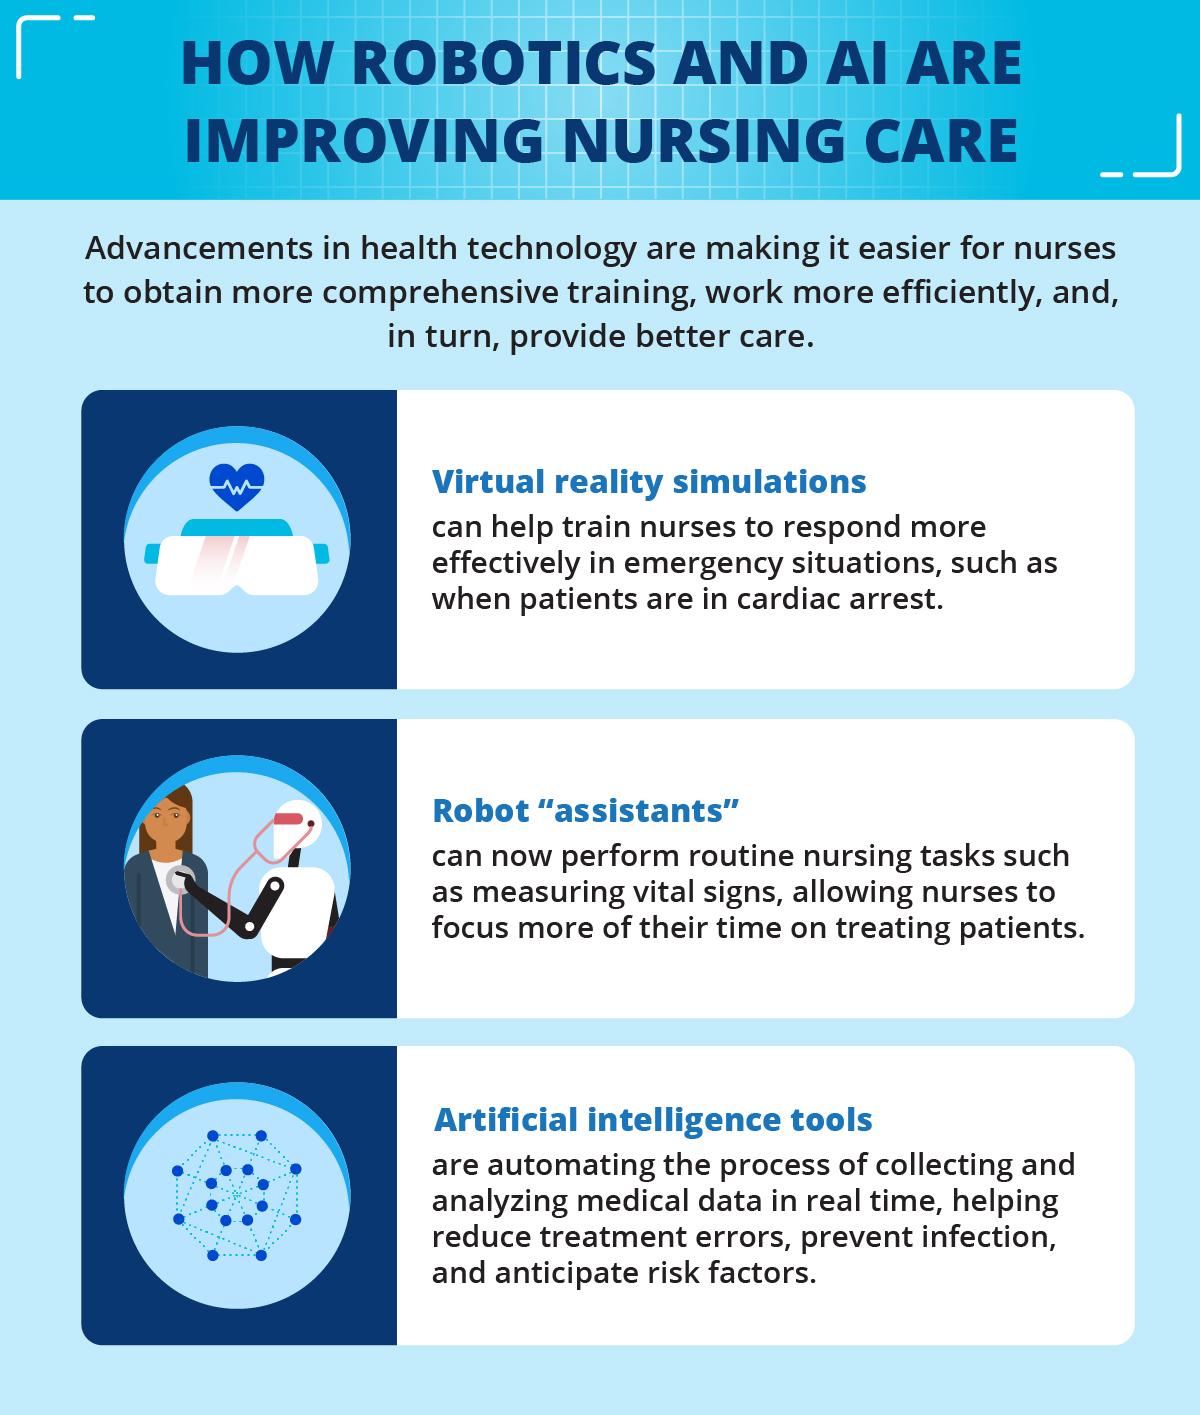 How robotics and AI are improving nursing care.